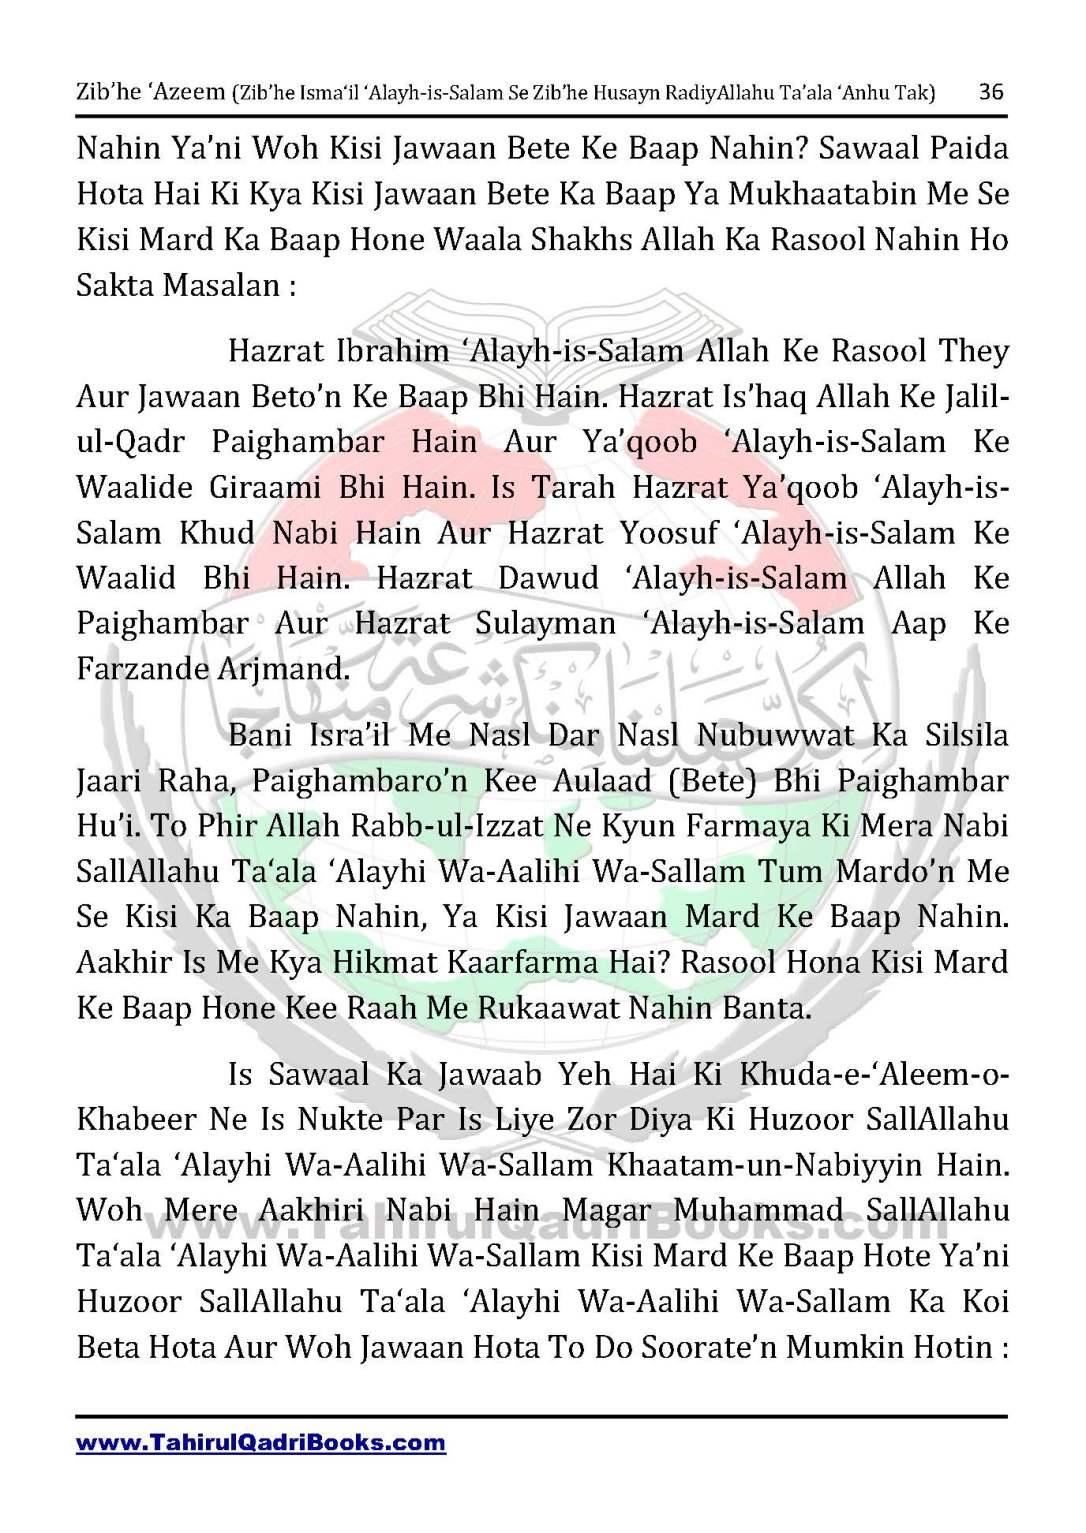 zib_he-e28098azeem-zib_he-ismacabbil-se-zib_he-husayn-tak-in-roman-urdu-unlocked_Page_036